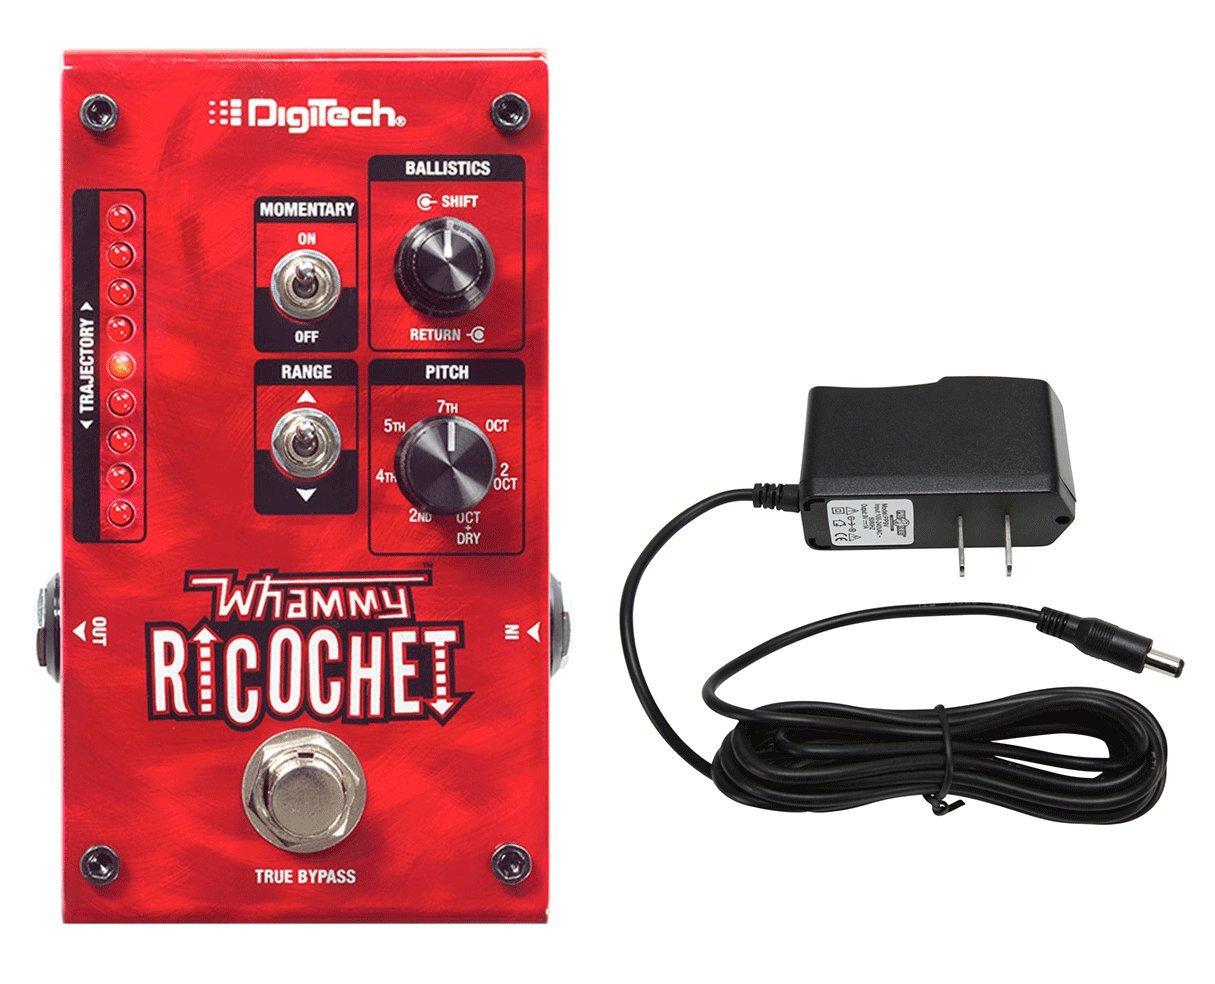 Digitech Whammy Ricochet + 9V Power Supply